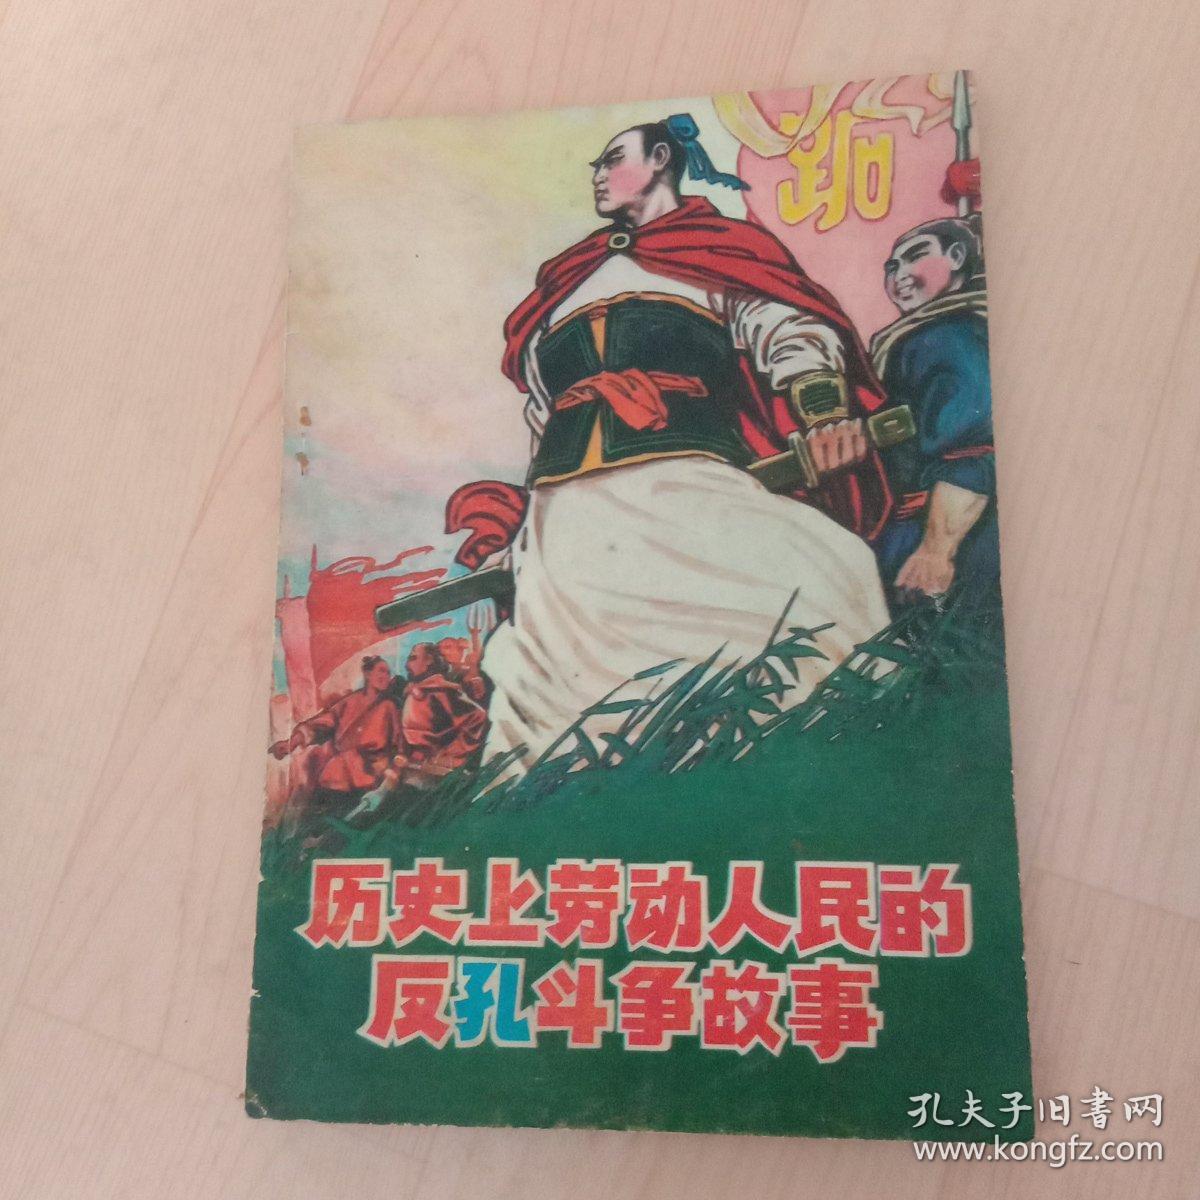 1975年 历史上劳动人民的反孔斗争故事